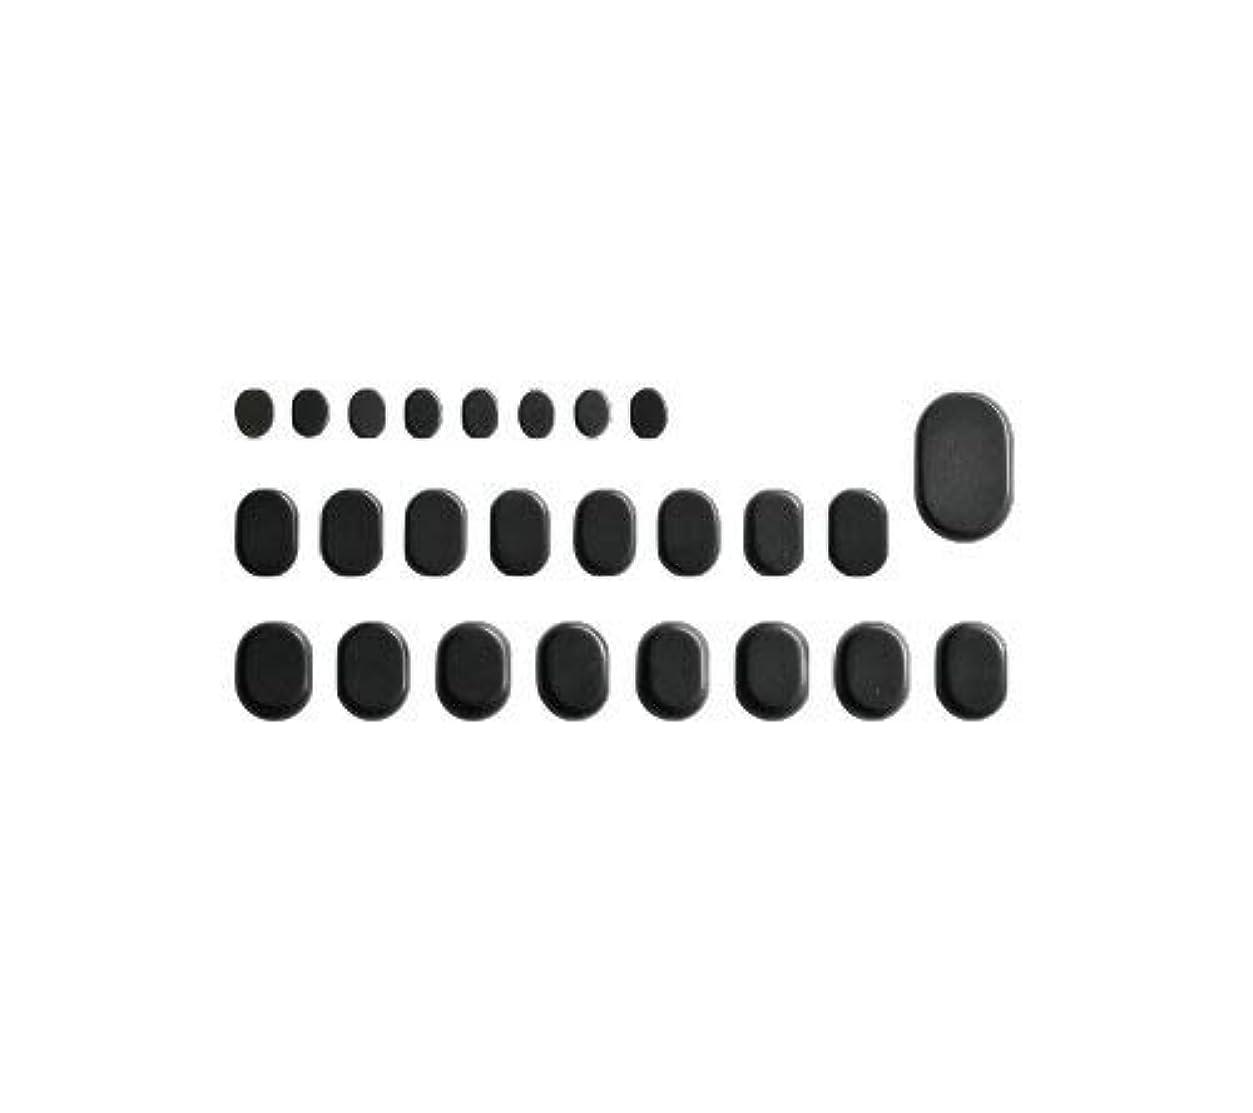 ドームランダムブラウズホットストーン バサルト 25 成形 玄武岩 [ ホット ストーン ストーンヒーター スパ ロミロミ ハワイ ハワイアン マッサージ ]